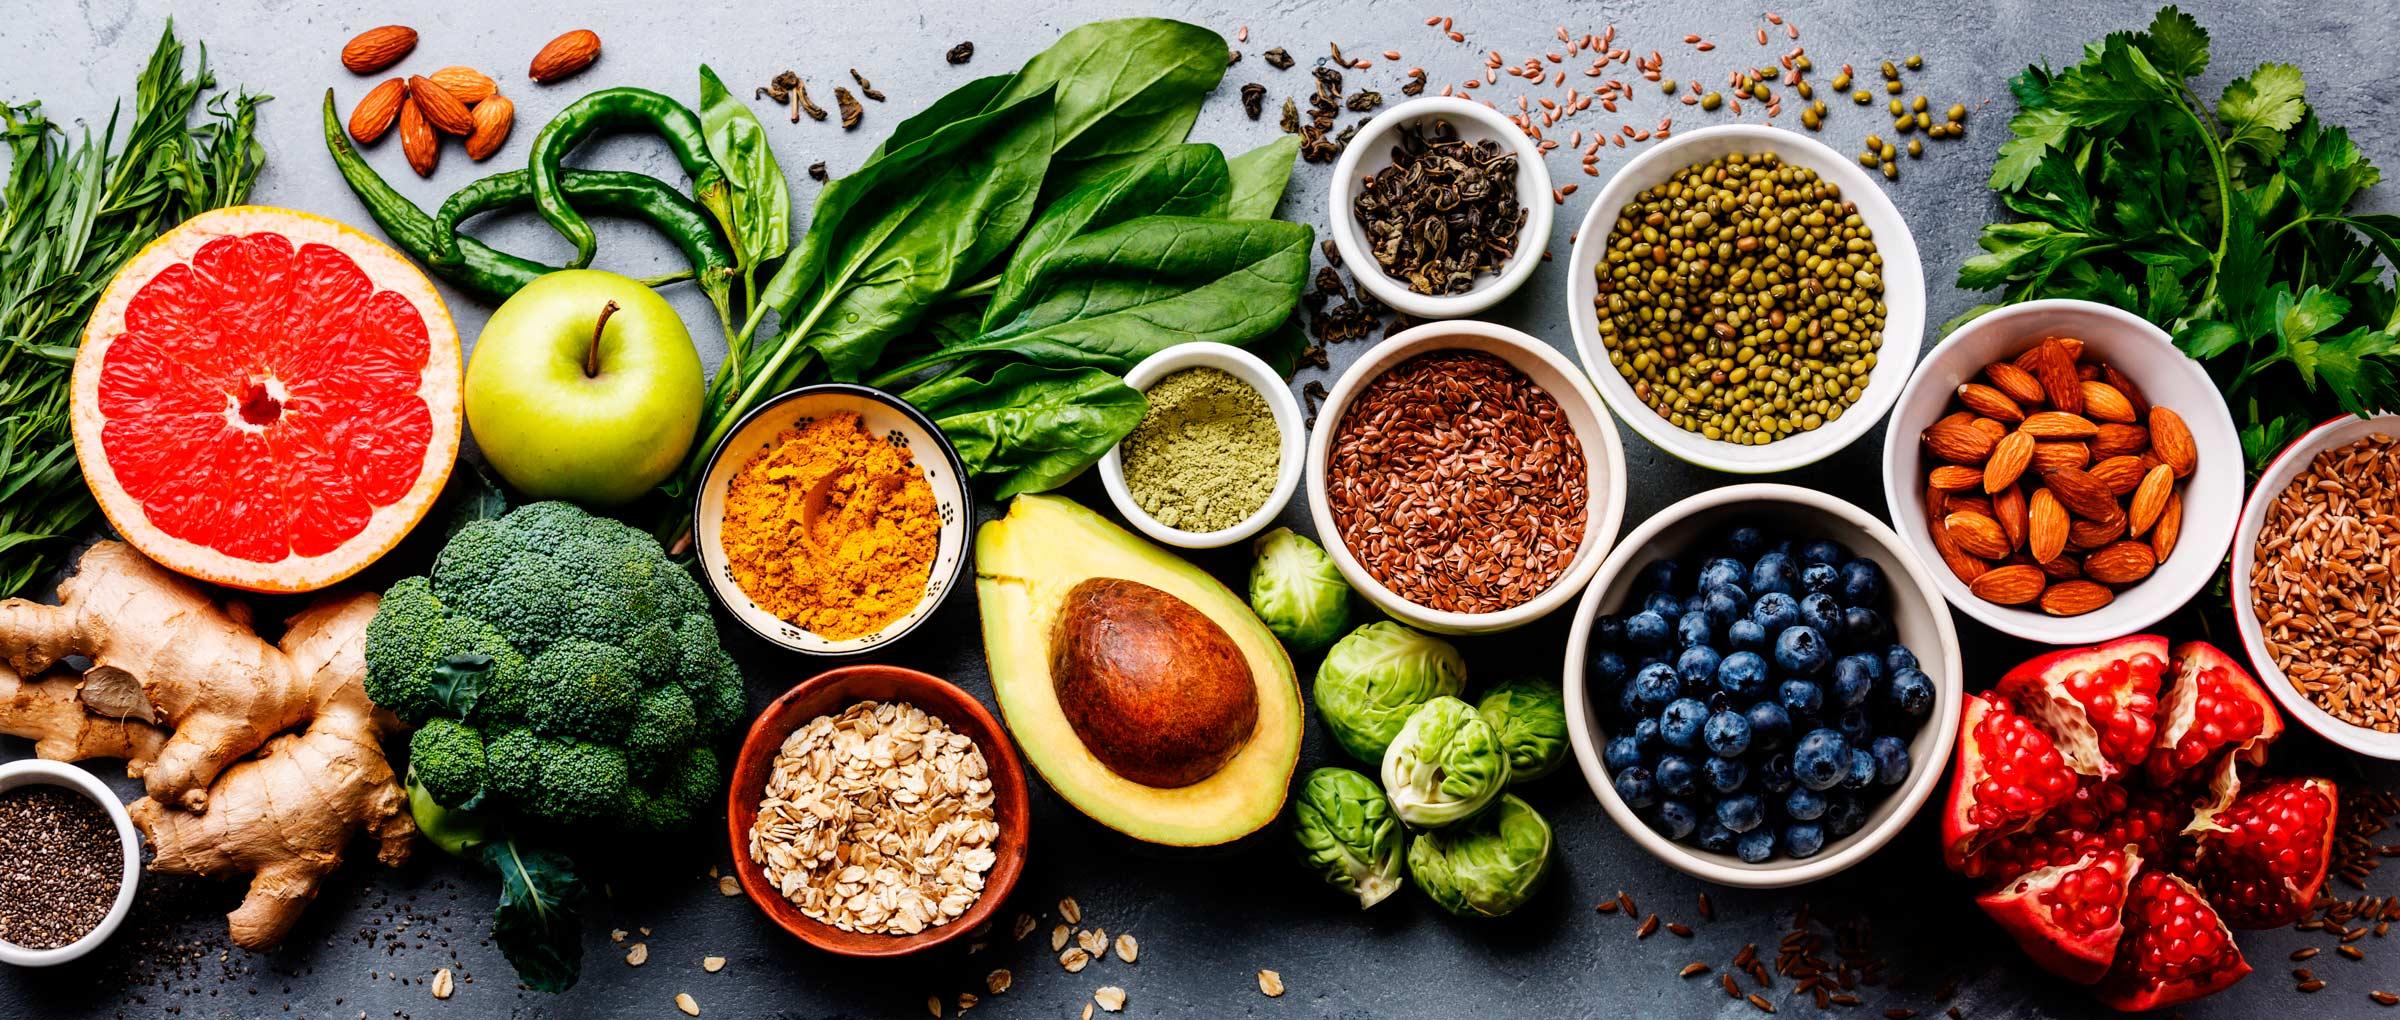 Alimentos ricos en antioxidantes